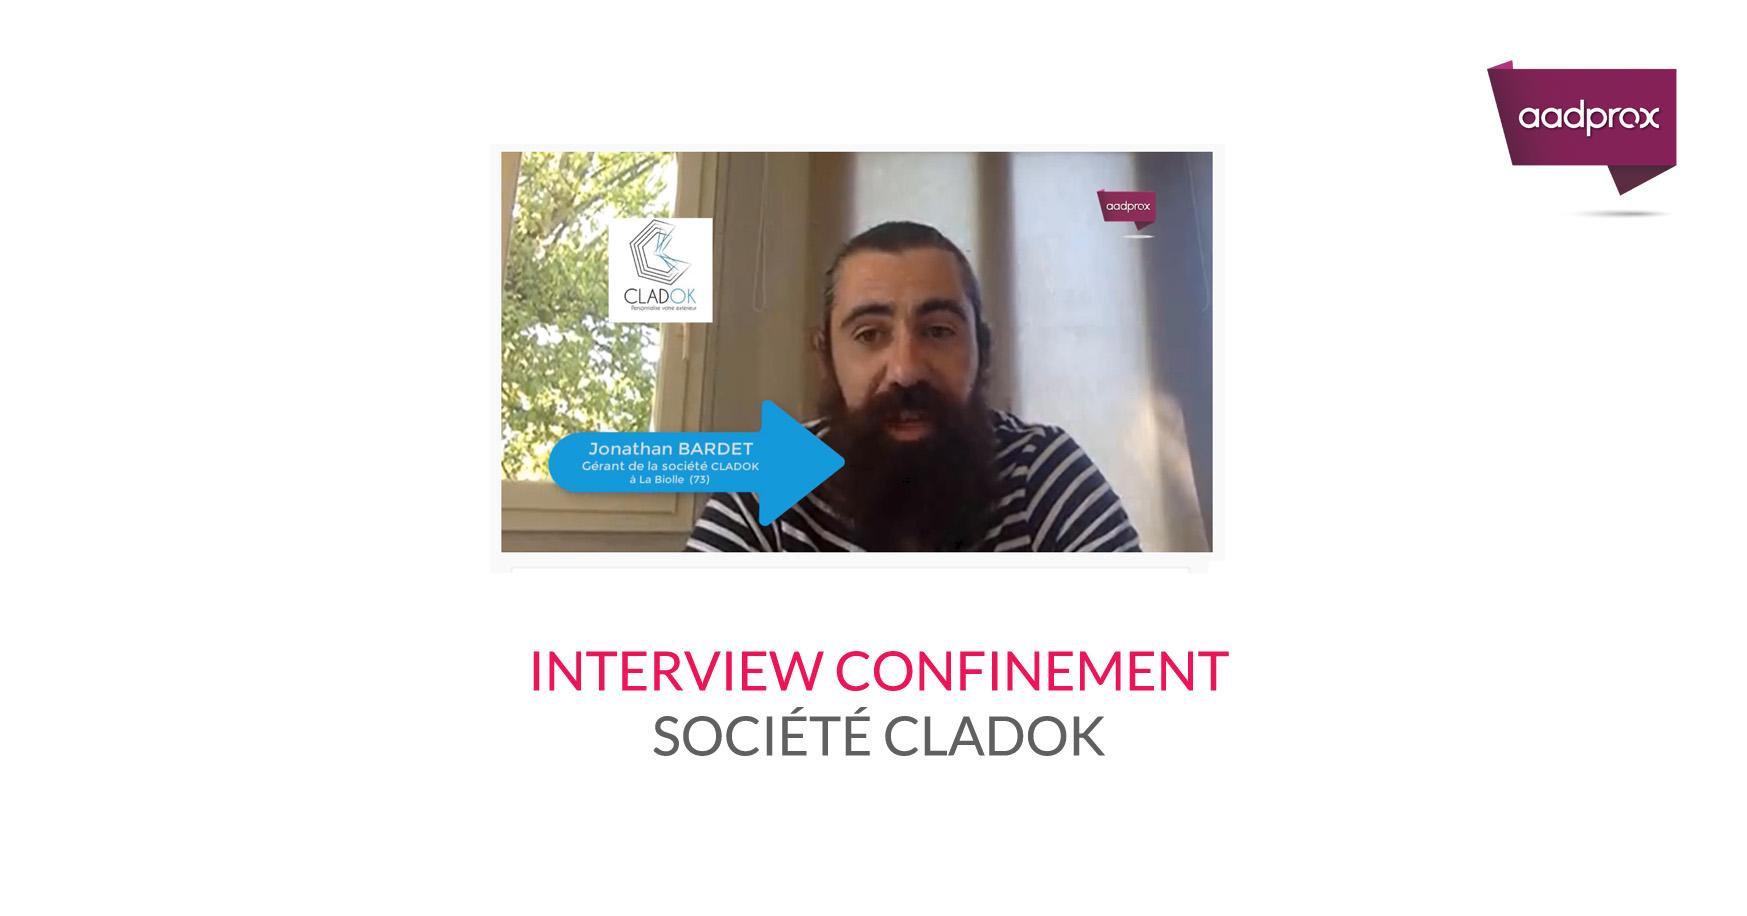 INTERVIEW CONFINEMENT DE JONATHAN BARDET DE LA SOCIETE CLADOK